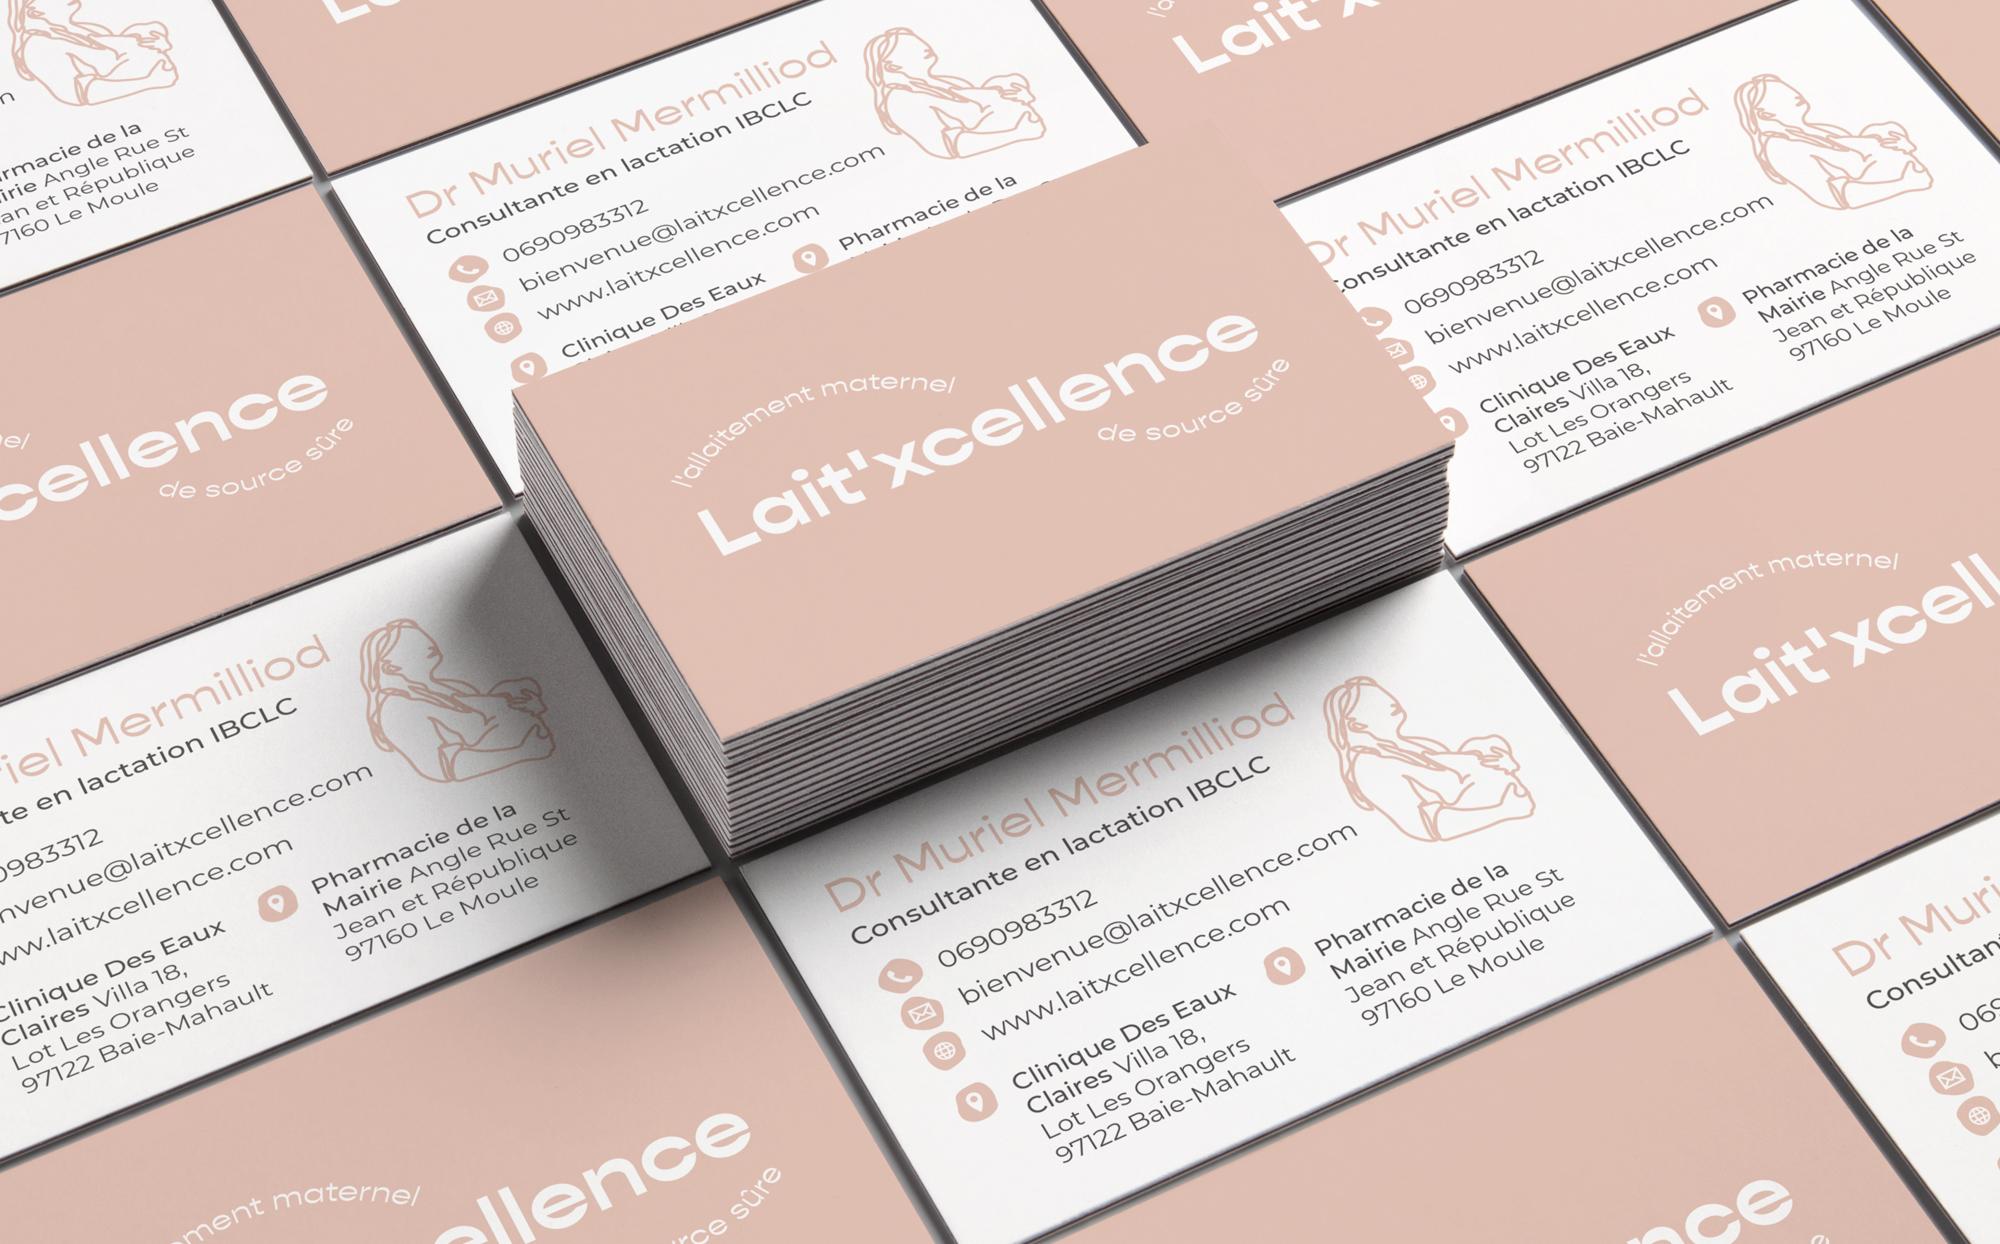 Lait'xcellence Business Cards